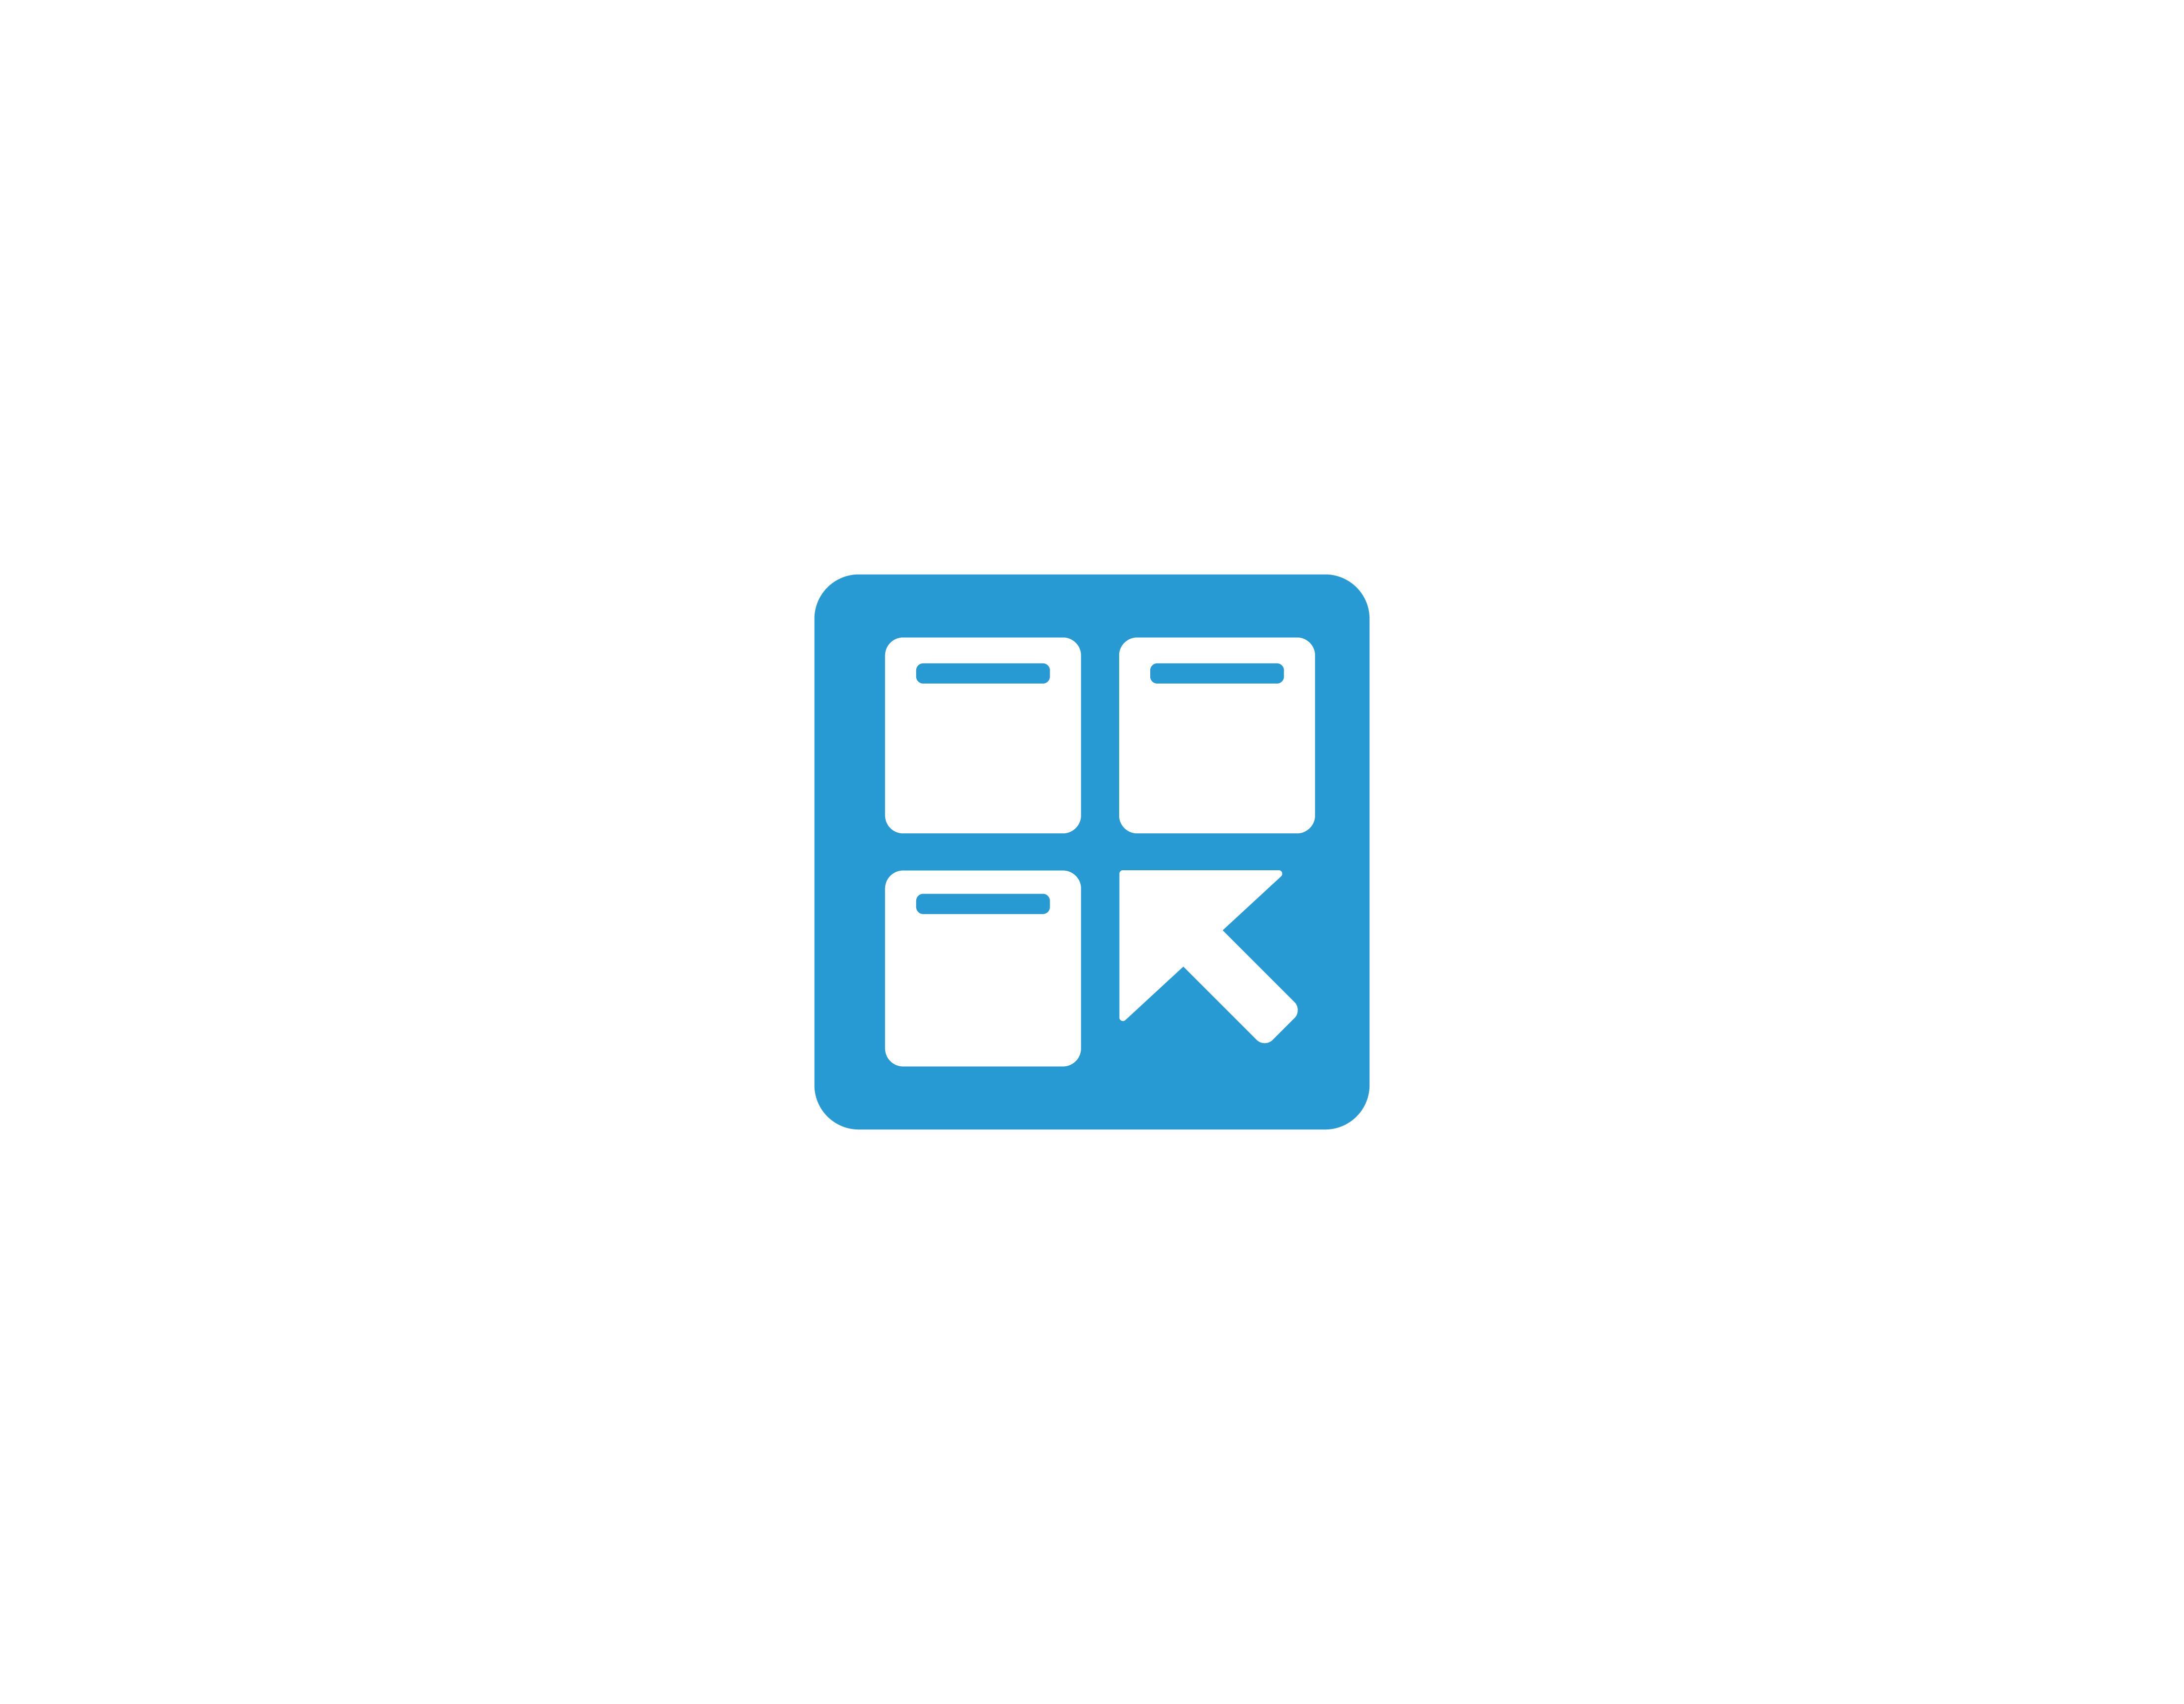 Логотип / иконка сервиса управления проектами / задачами фото f_05959777f301598e.jpg